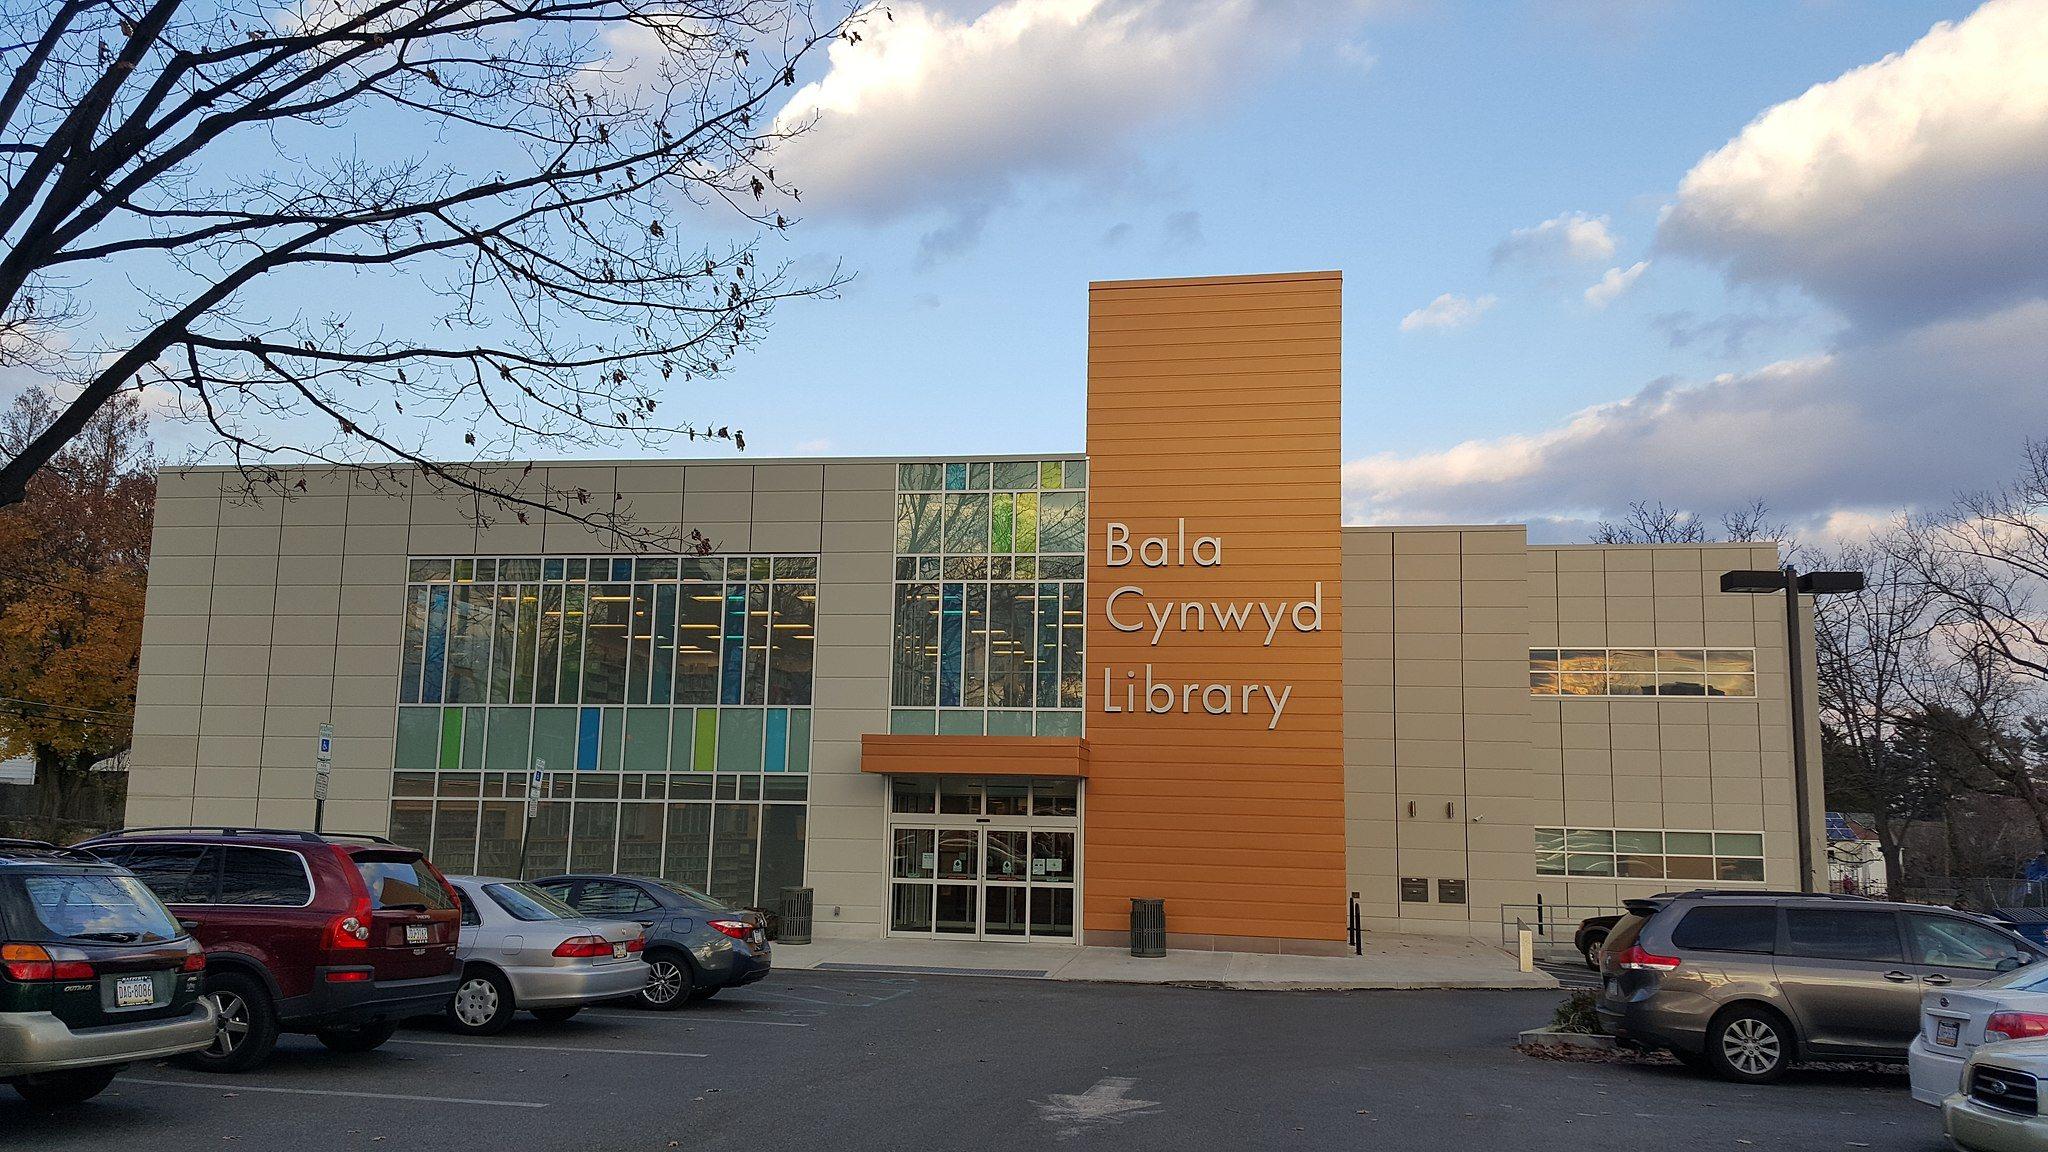 Bala Cynwyd, Penn., Library.